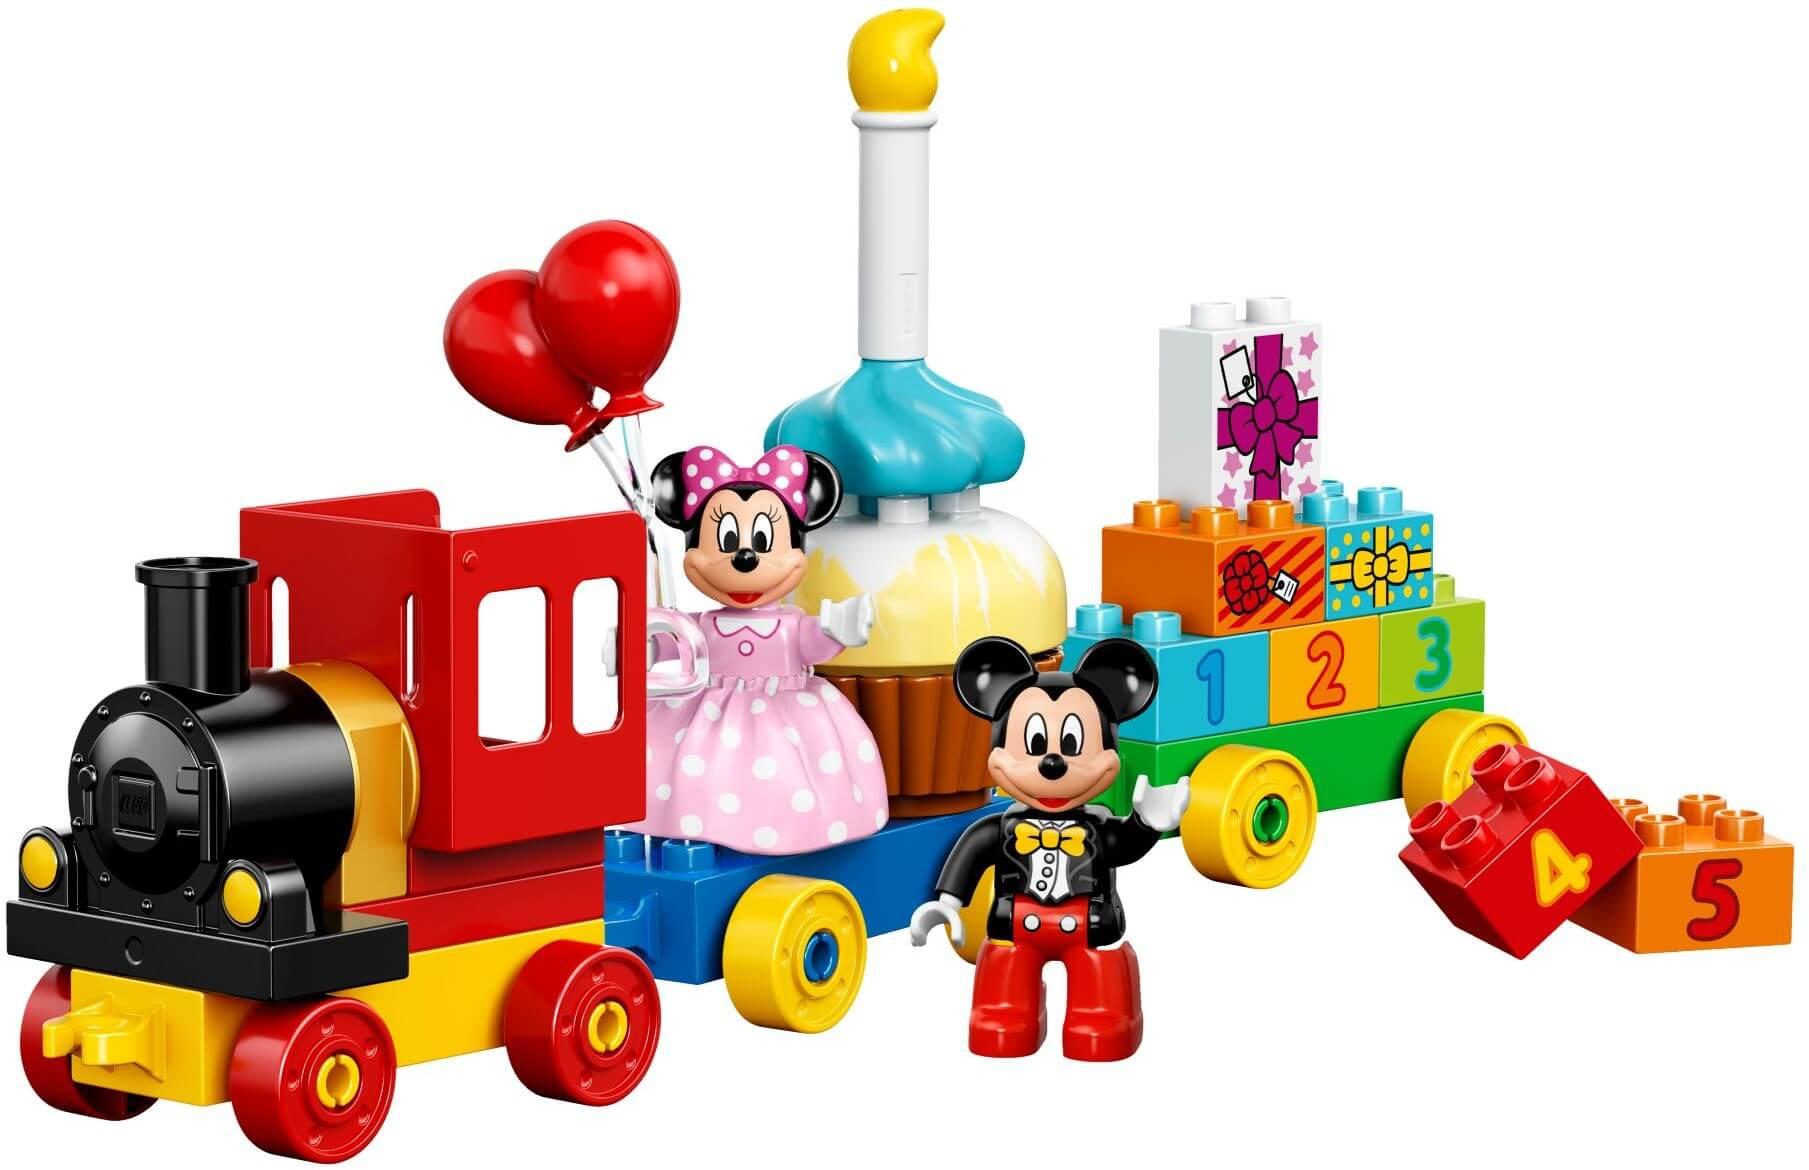 Mua đồ chơi LEGO 10597 - LEGO DUPLO 10597 - Xe lửa sắc màu của chuột Mickey và chuột Minnie (LEGO DUPLO Mickey and Minnie Birthday Parade 10597)